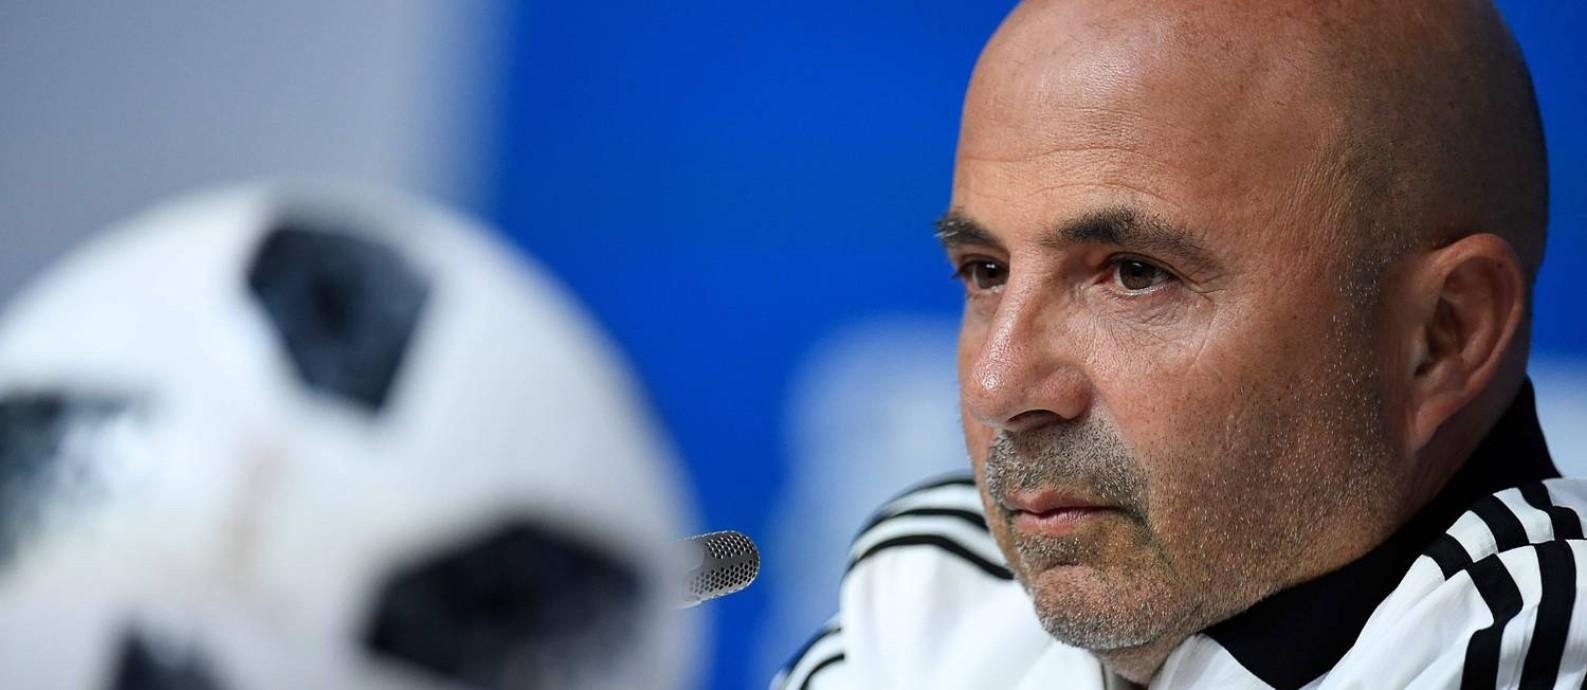 Jorge Sampaoli na coletiva de imprensa após a classificação argentina Foto: CHRISTOPHE SIMON / AFP